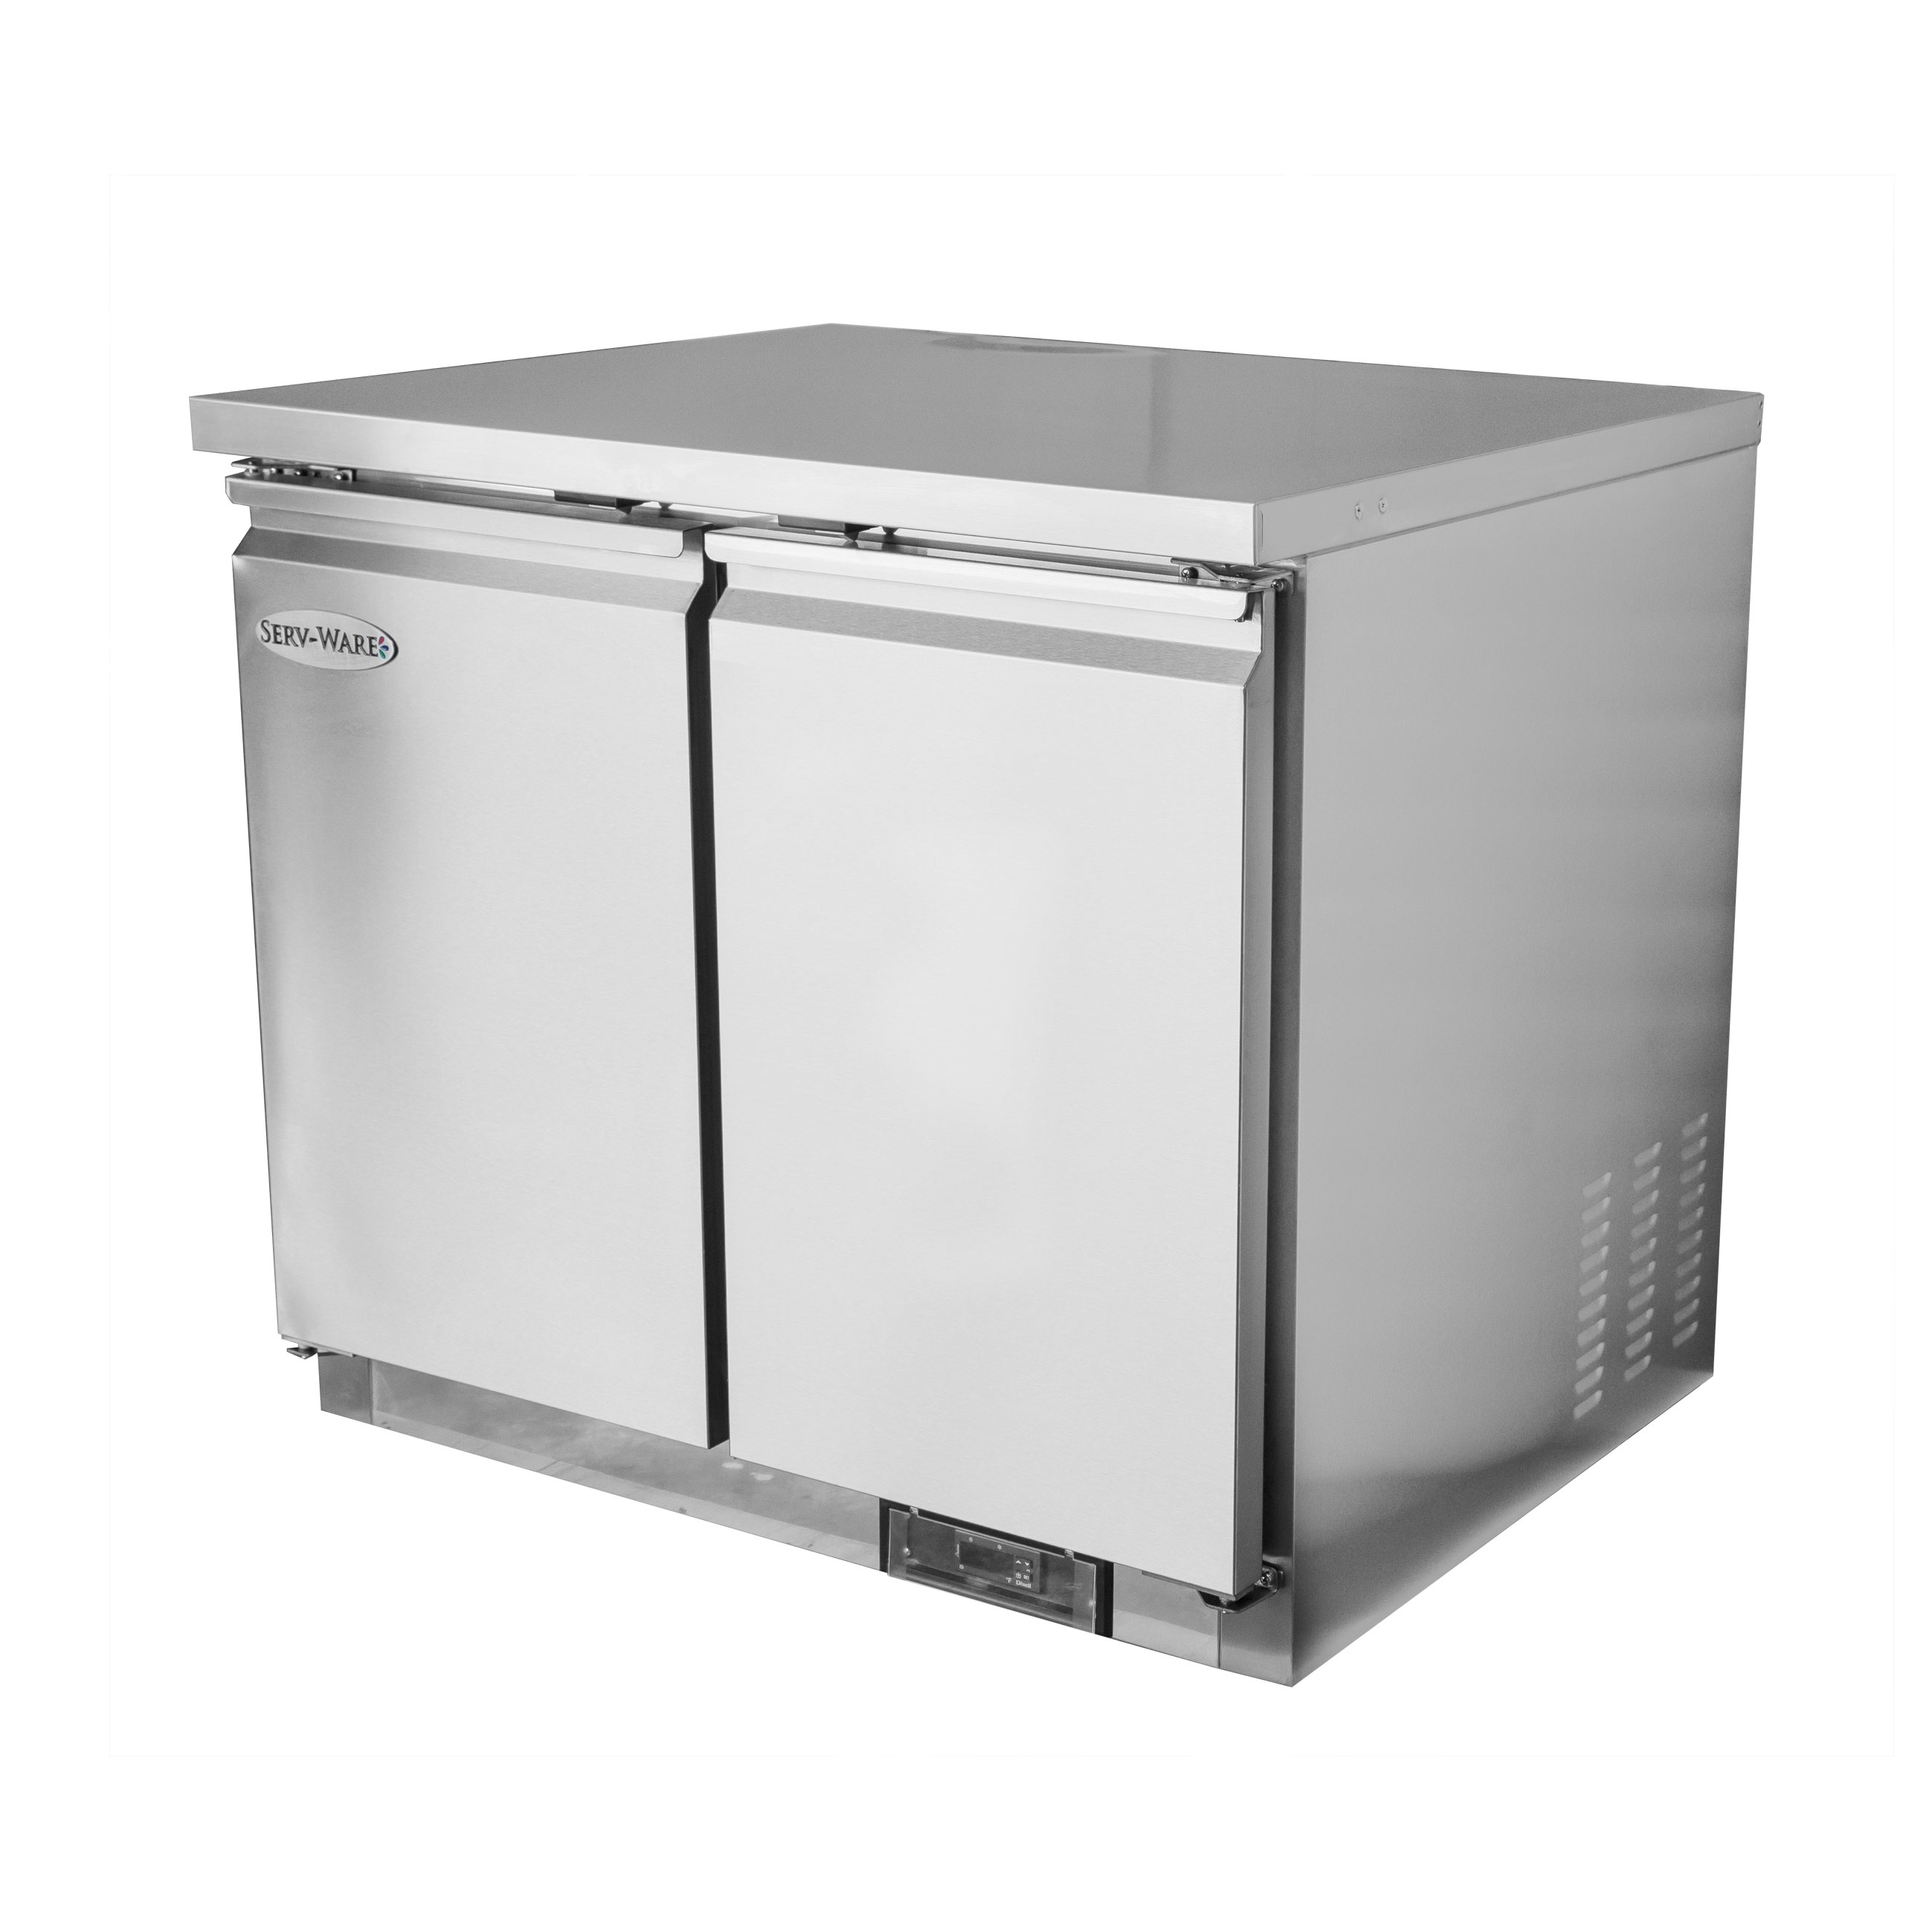 Serv-Ware UCF-36-HC freezer, undercounter, reach-in